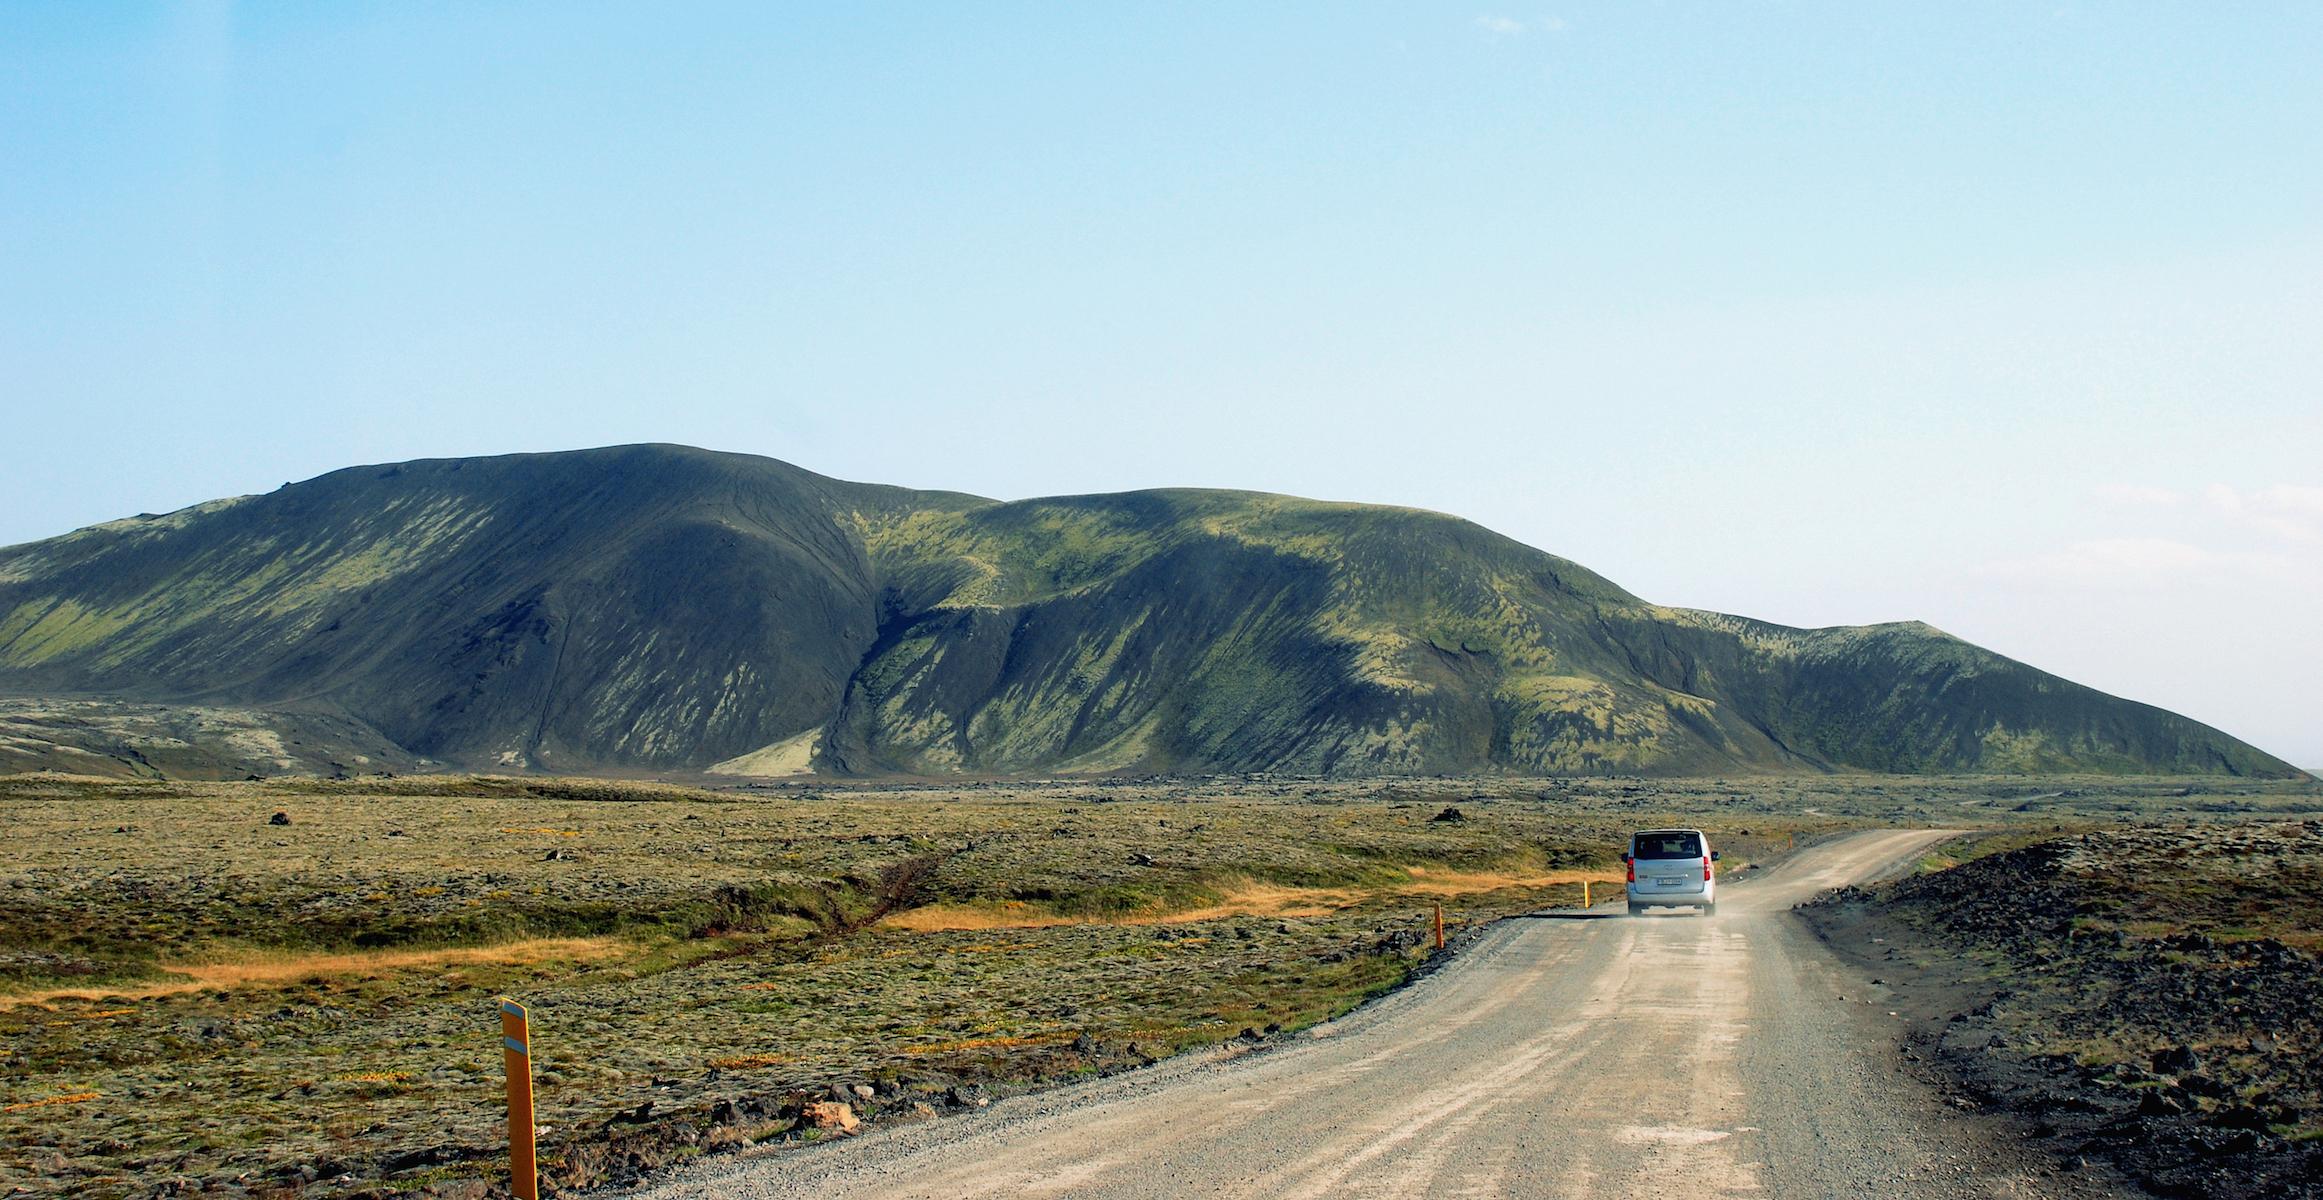 冰島自駕安全須知|交通法規、車險賠償、路況天氣、緊急救援 | Guide to Iceland